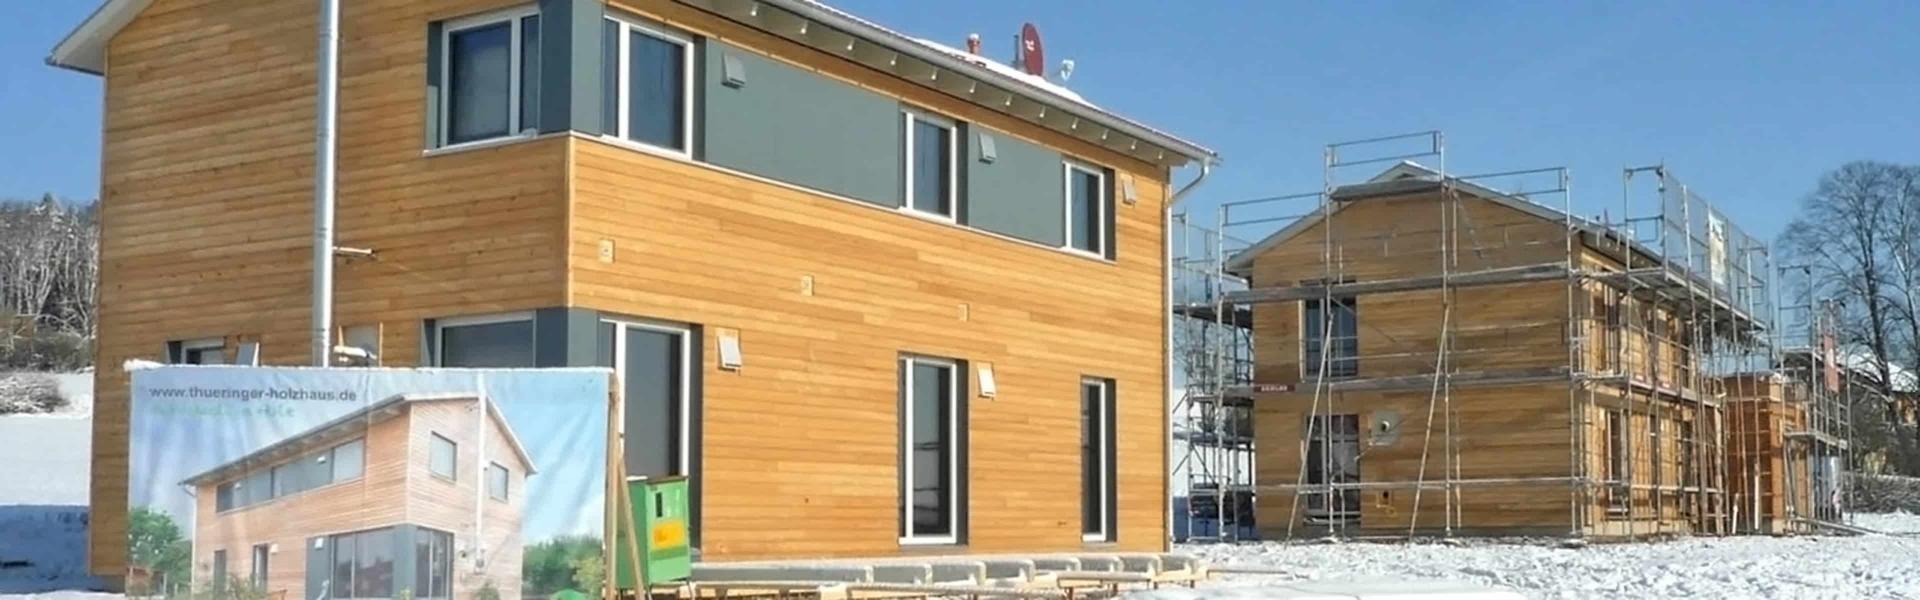 Thüringer Holzhaus Projekte